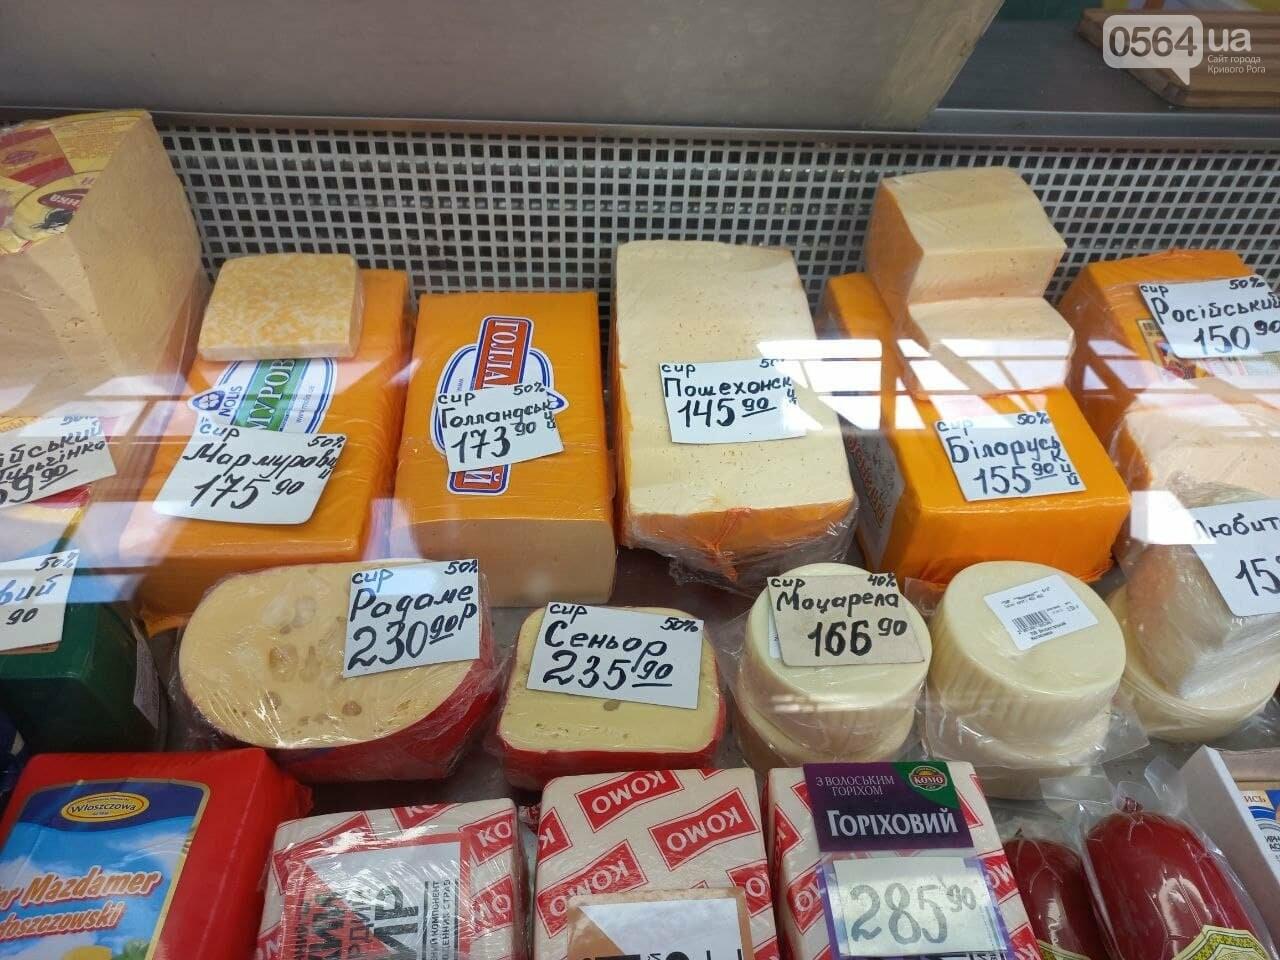 Пасхальная корзина 2021: сколько стоит традиционный праздничный набор продуктов в Кривом Роге, - ФОТО, фото-7